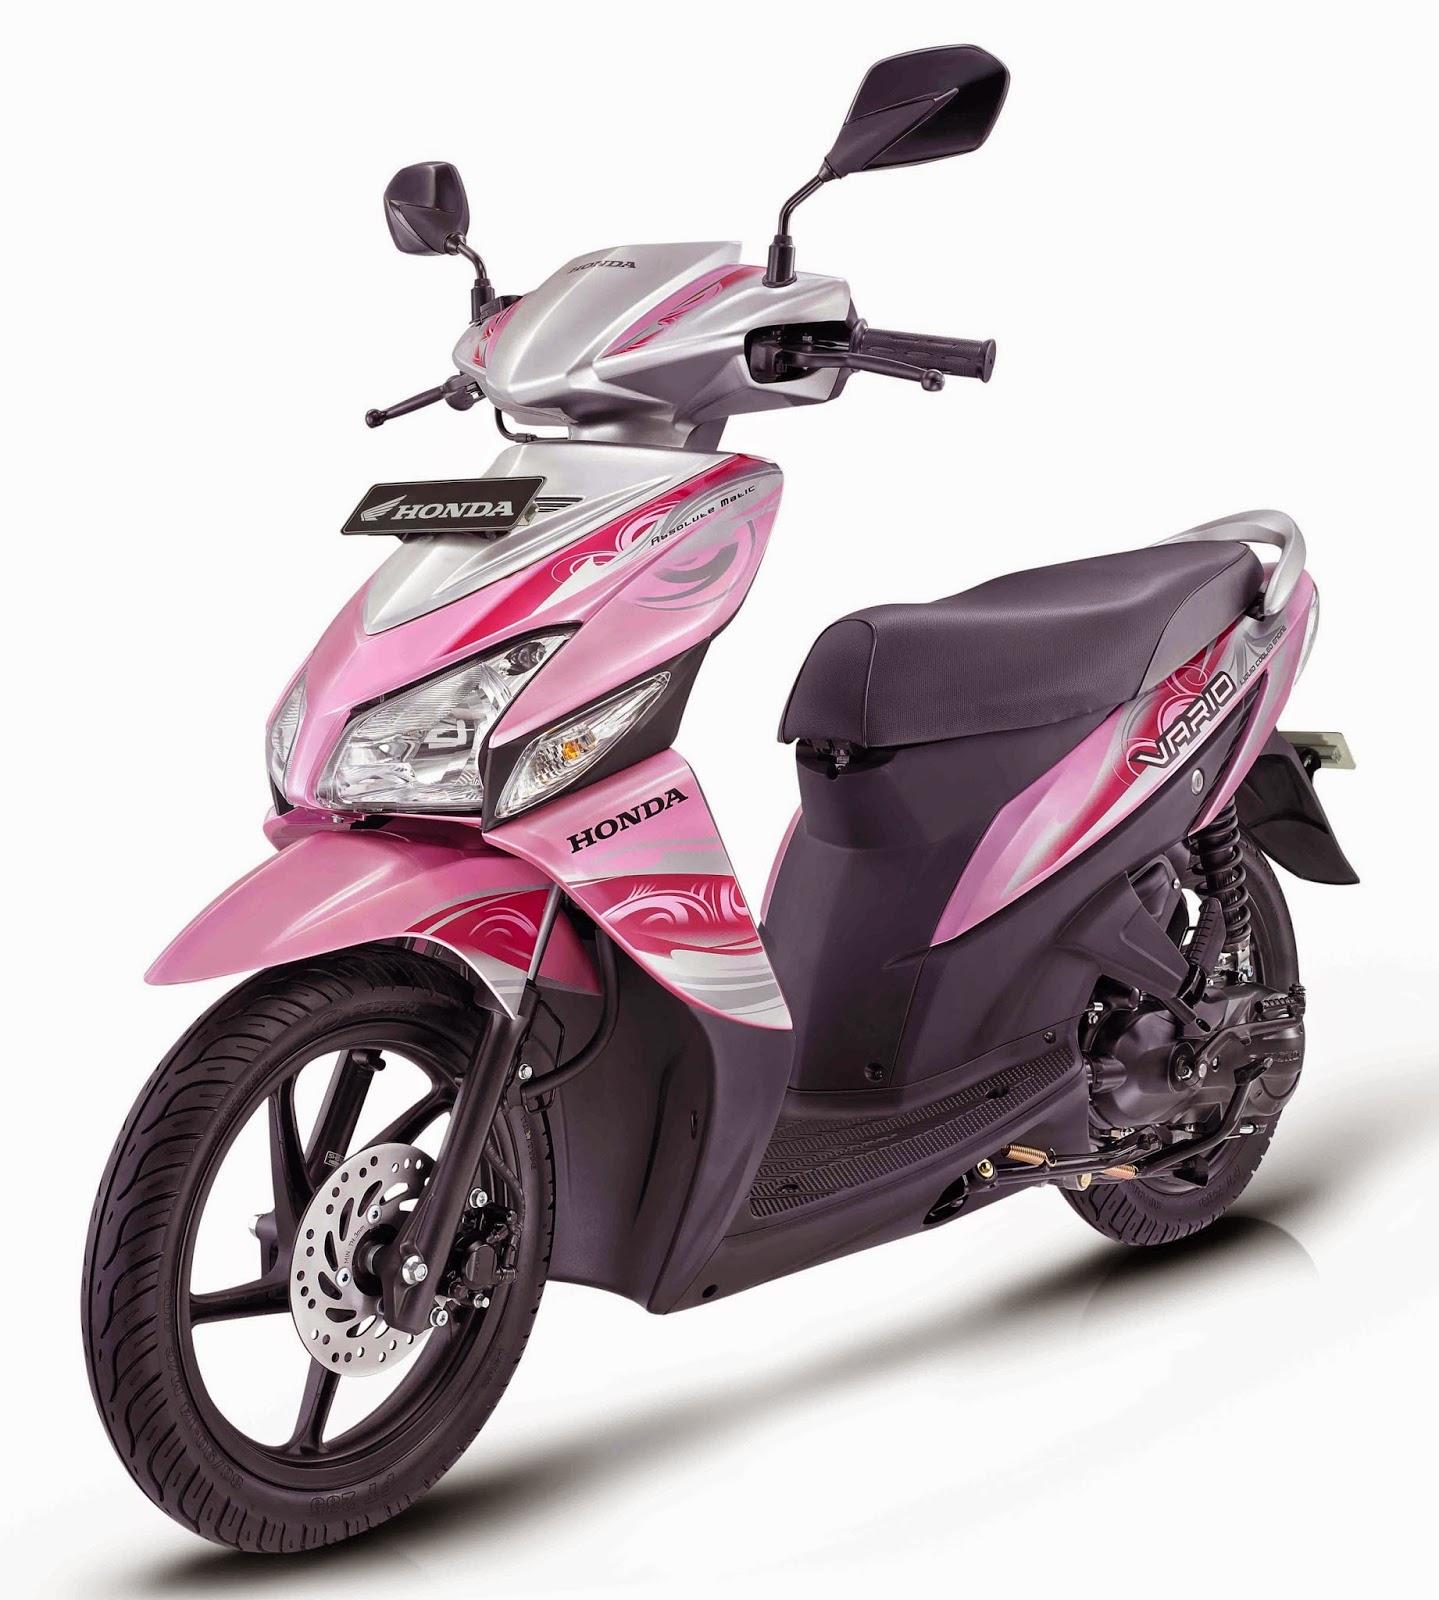 Harga Jual Sepeda Motor Honda Vario Gambar 125 New Esp Cbs Iss Bionic Red Solo Tampilan Modis